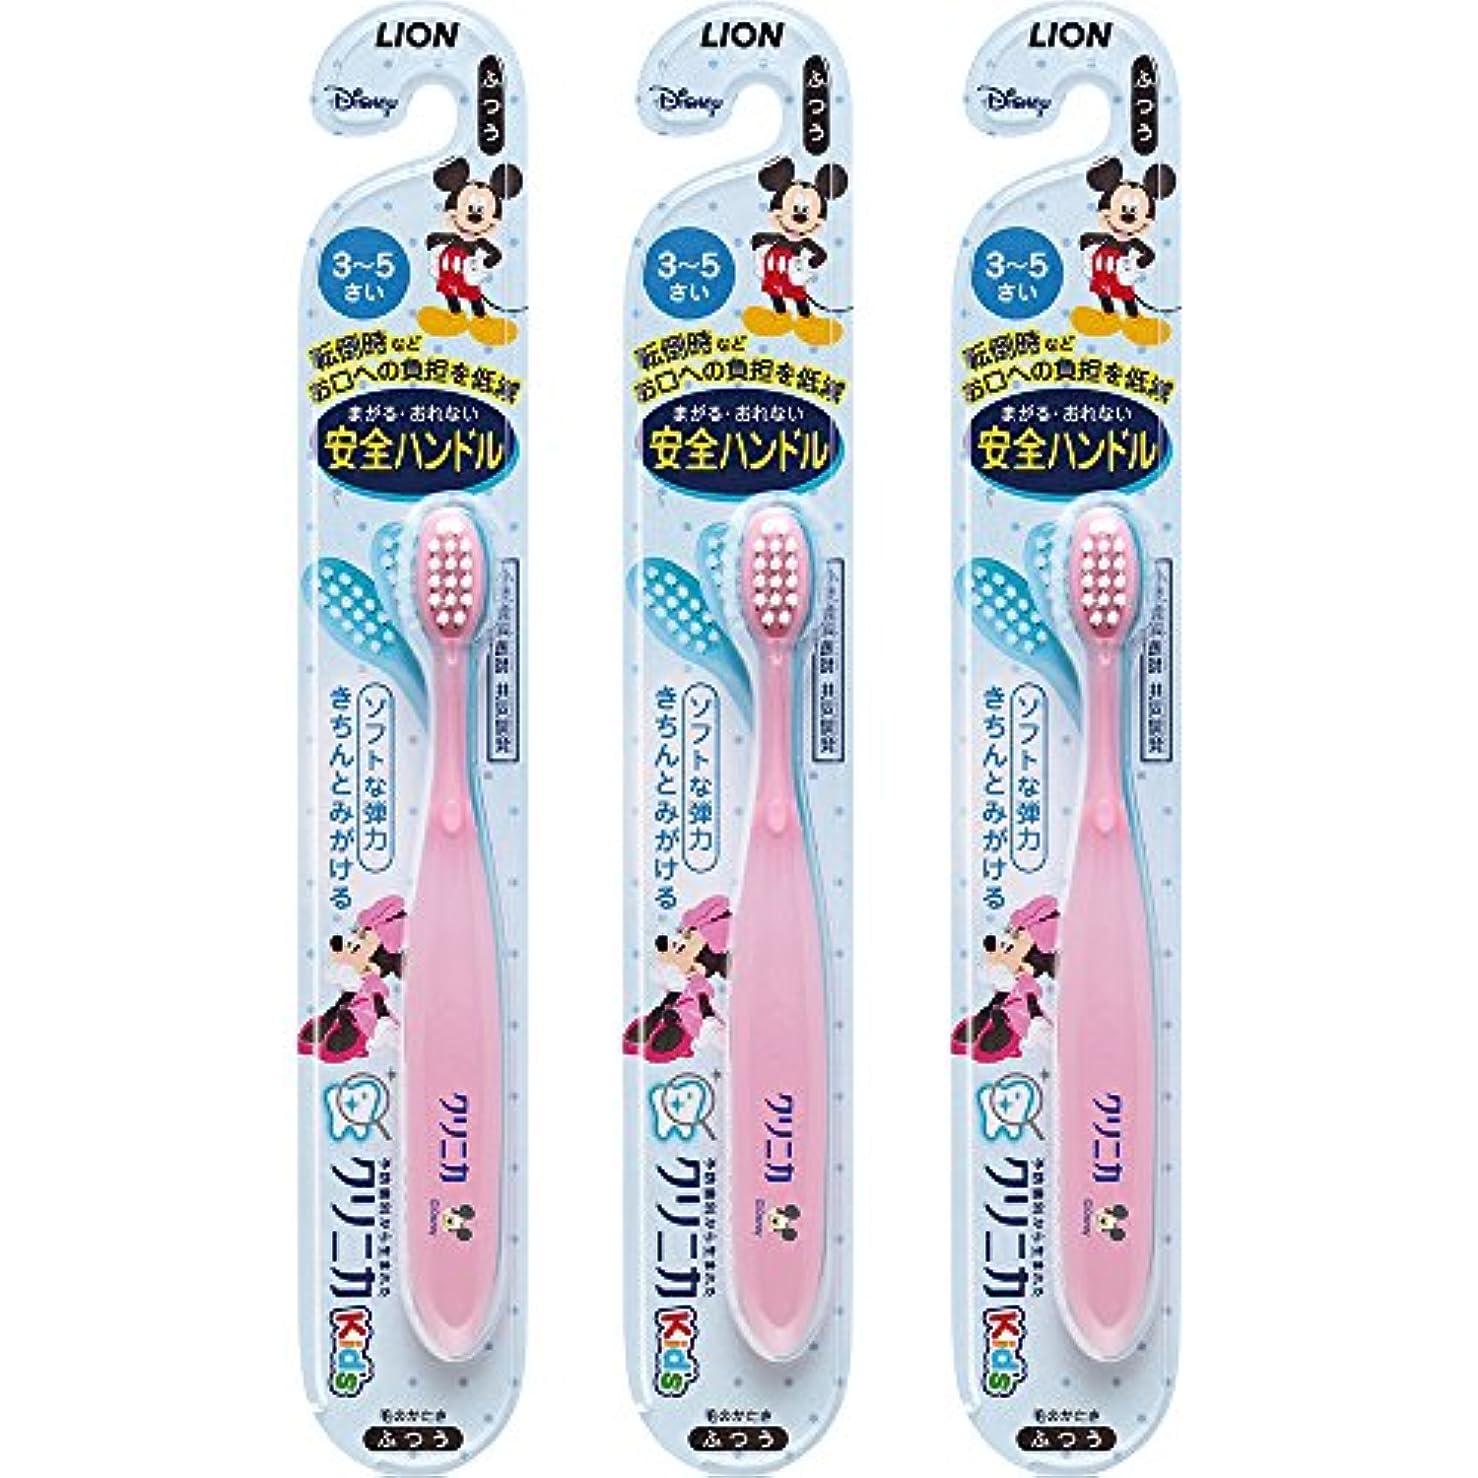 かんがいダッシュ新しさクリニカKid's ハブラシ 3-5才用 3本(ピンク)